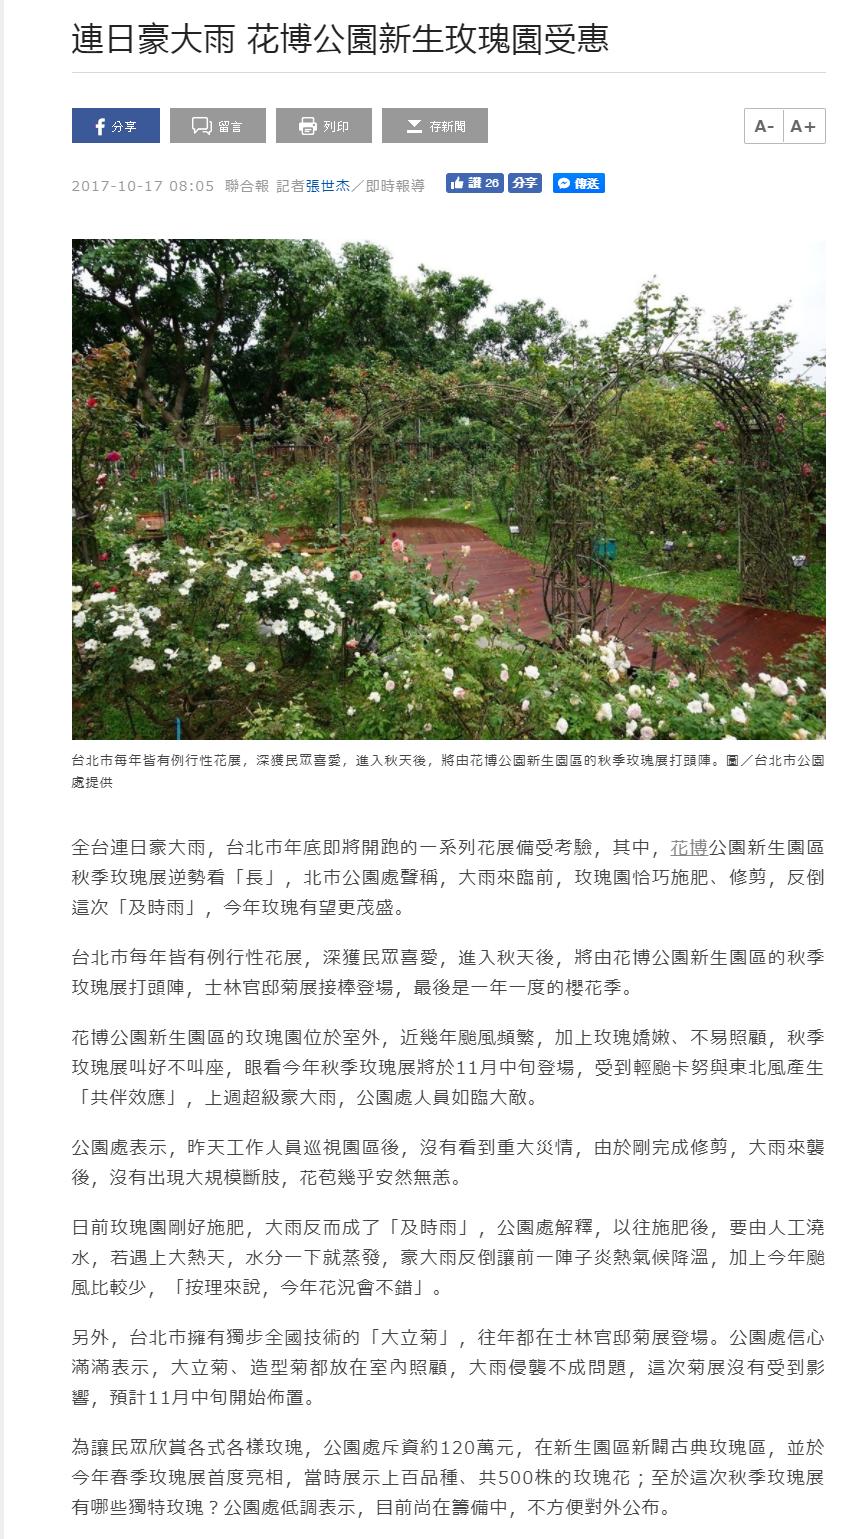 連日豪大雨 花博公園新生玫瑰園受惠 (聯合新聞網)